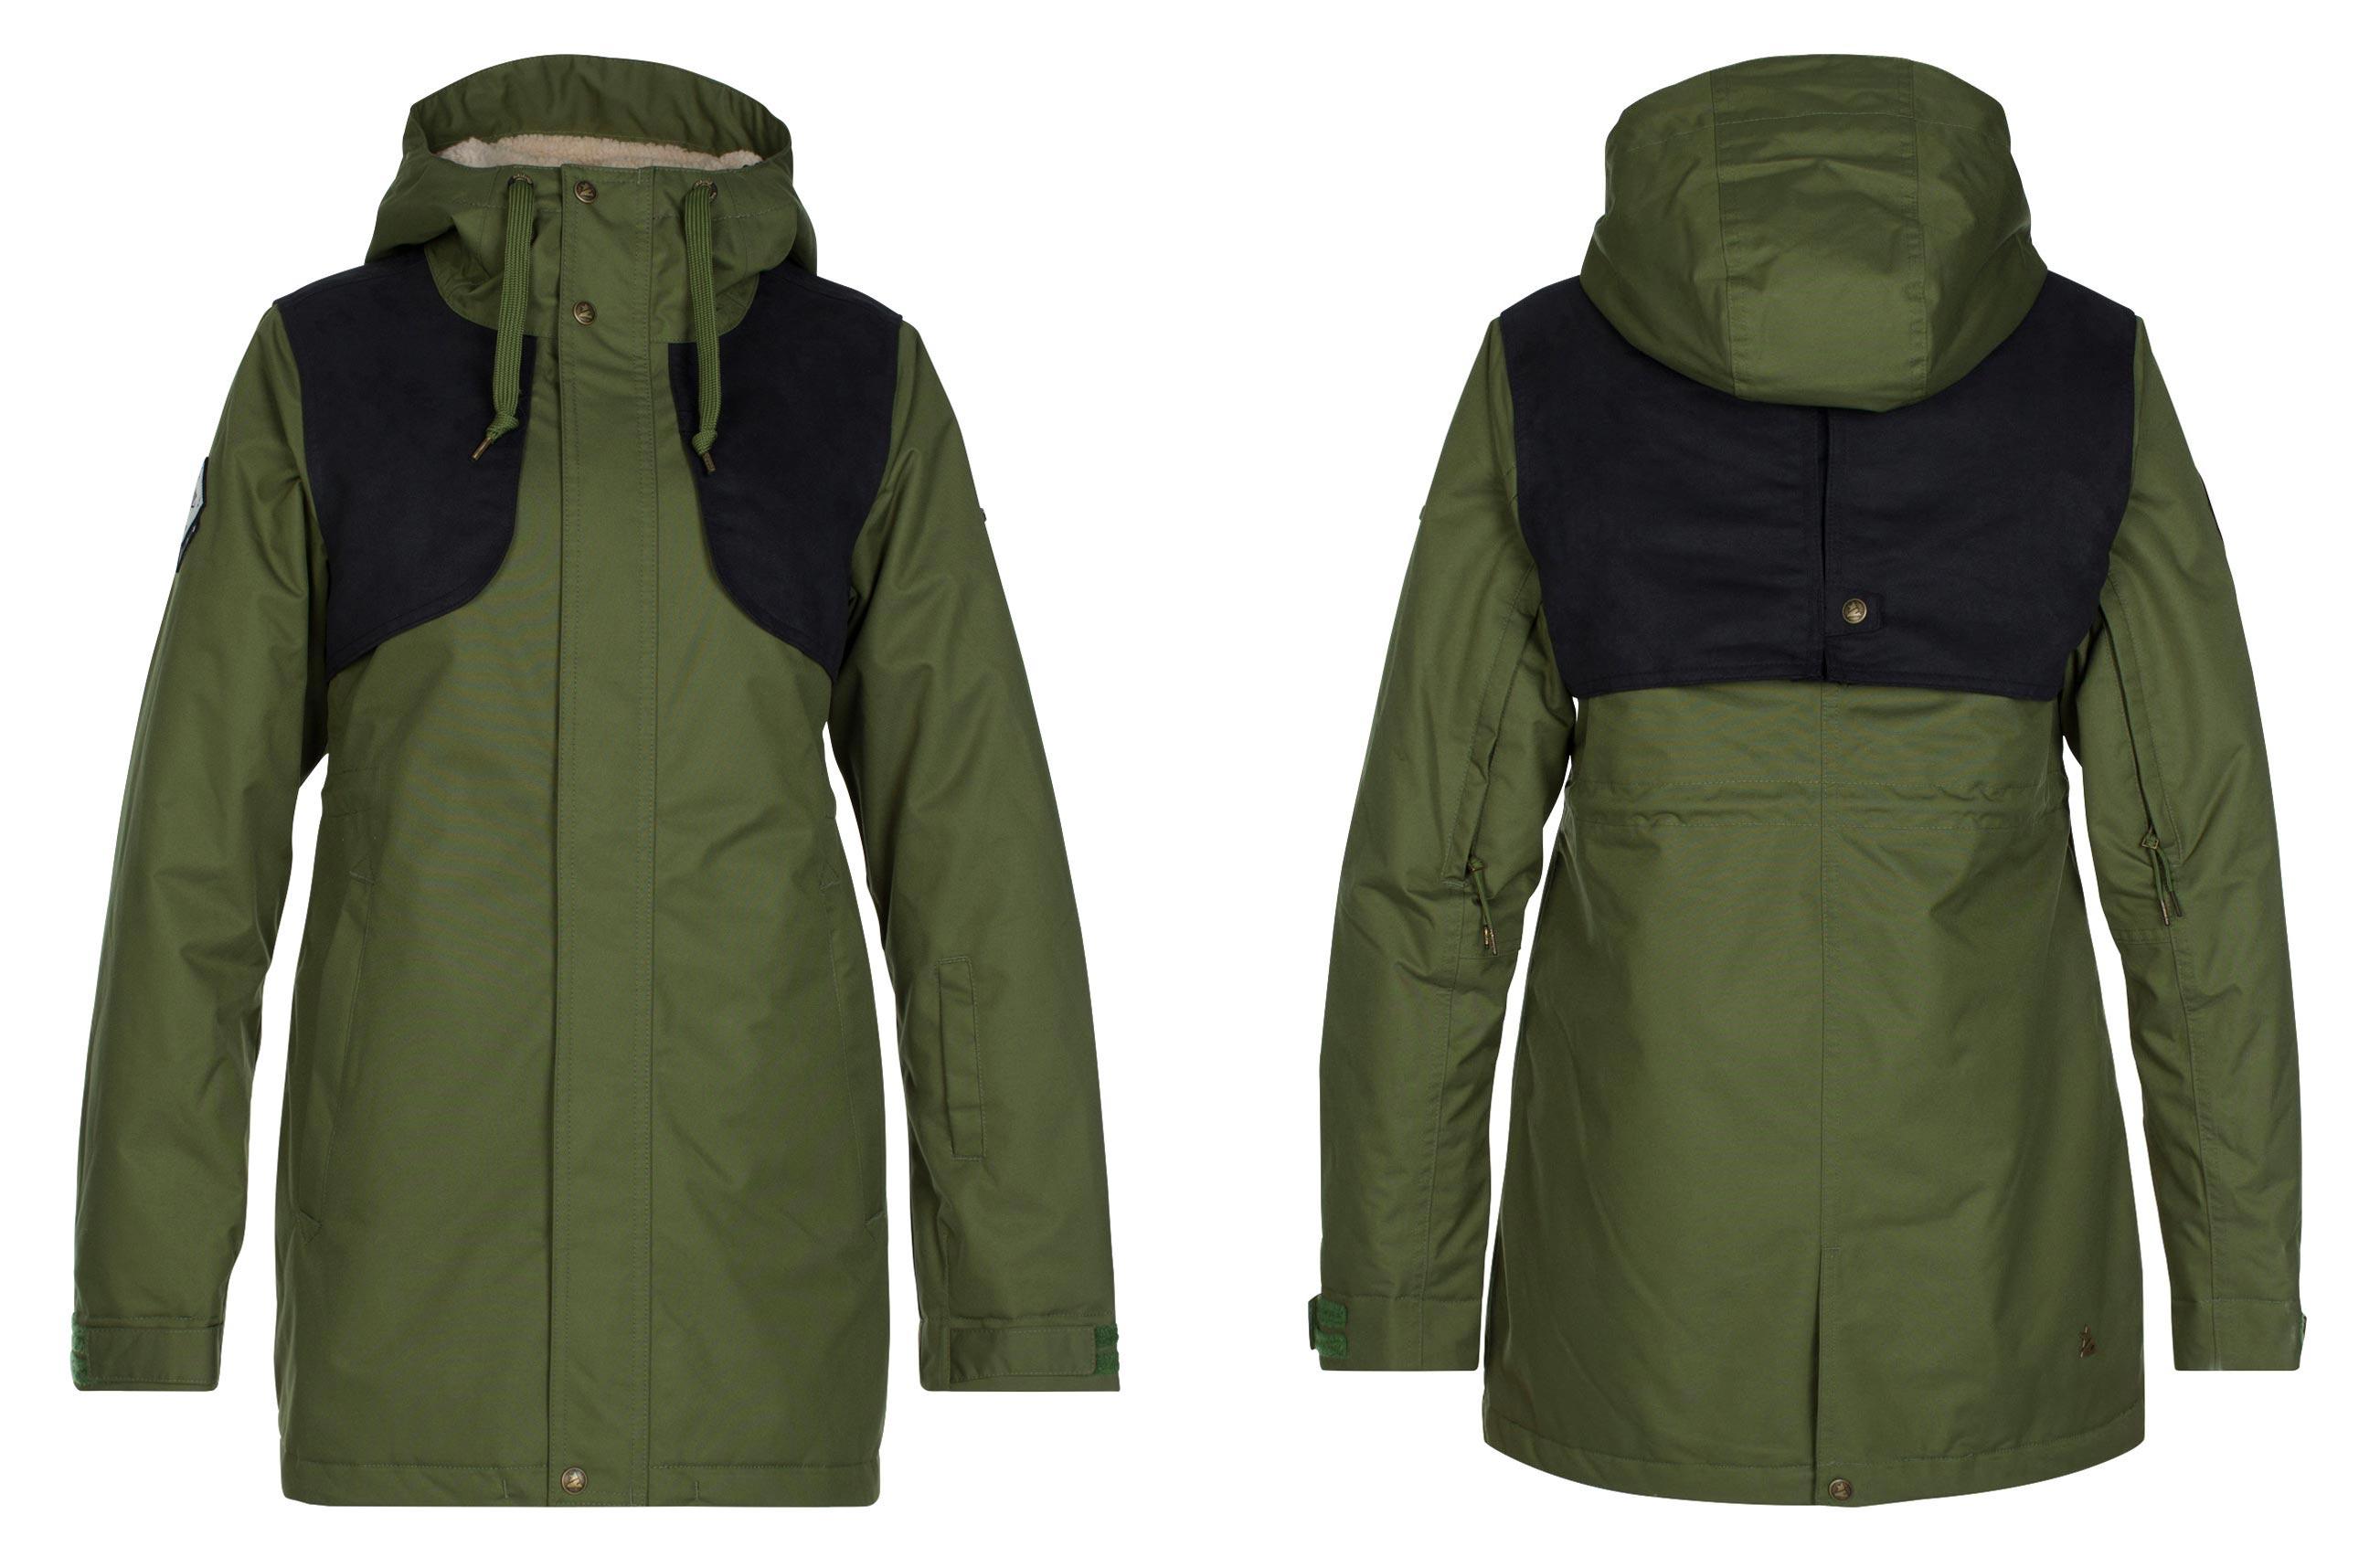 Zimtstern Mazonka Jacket für Damen - Farbe: Olive